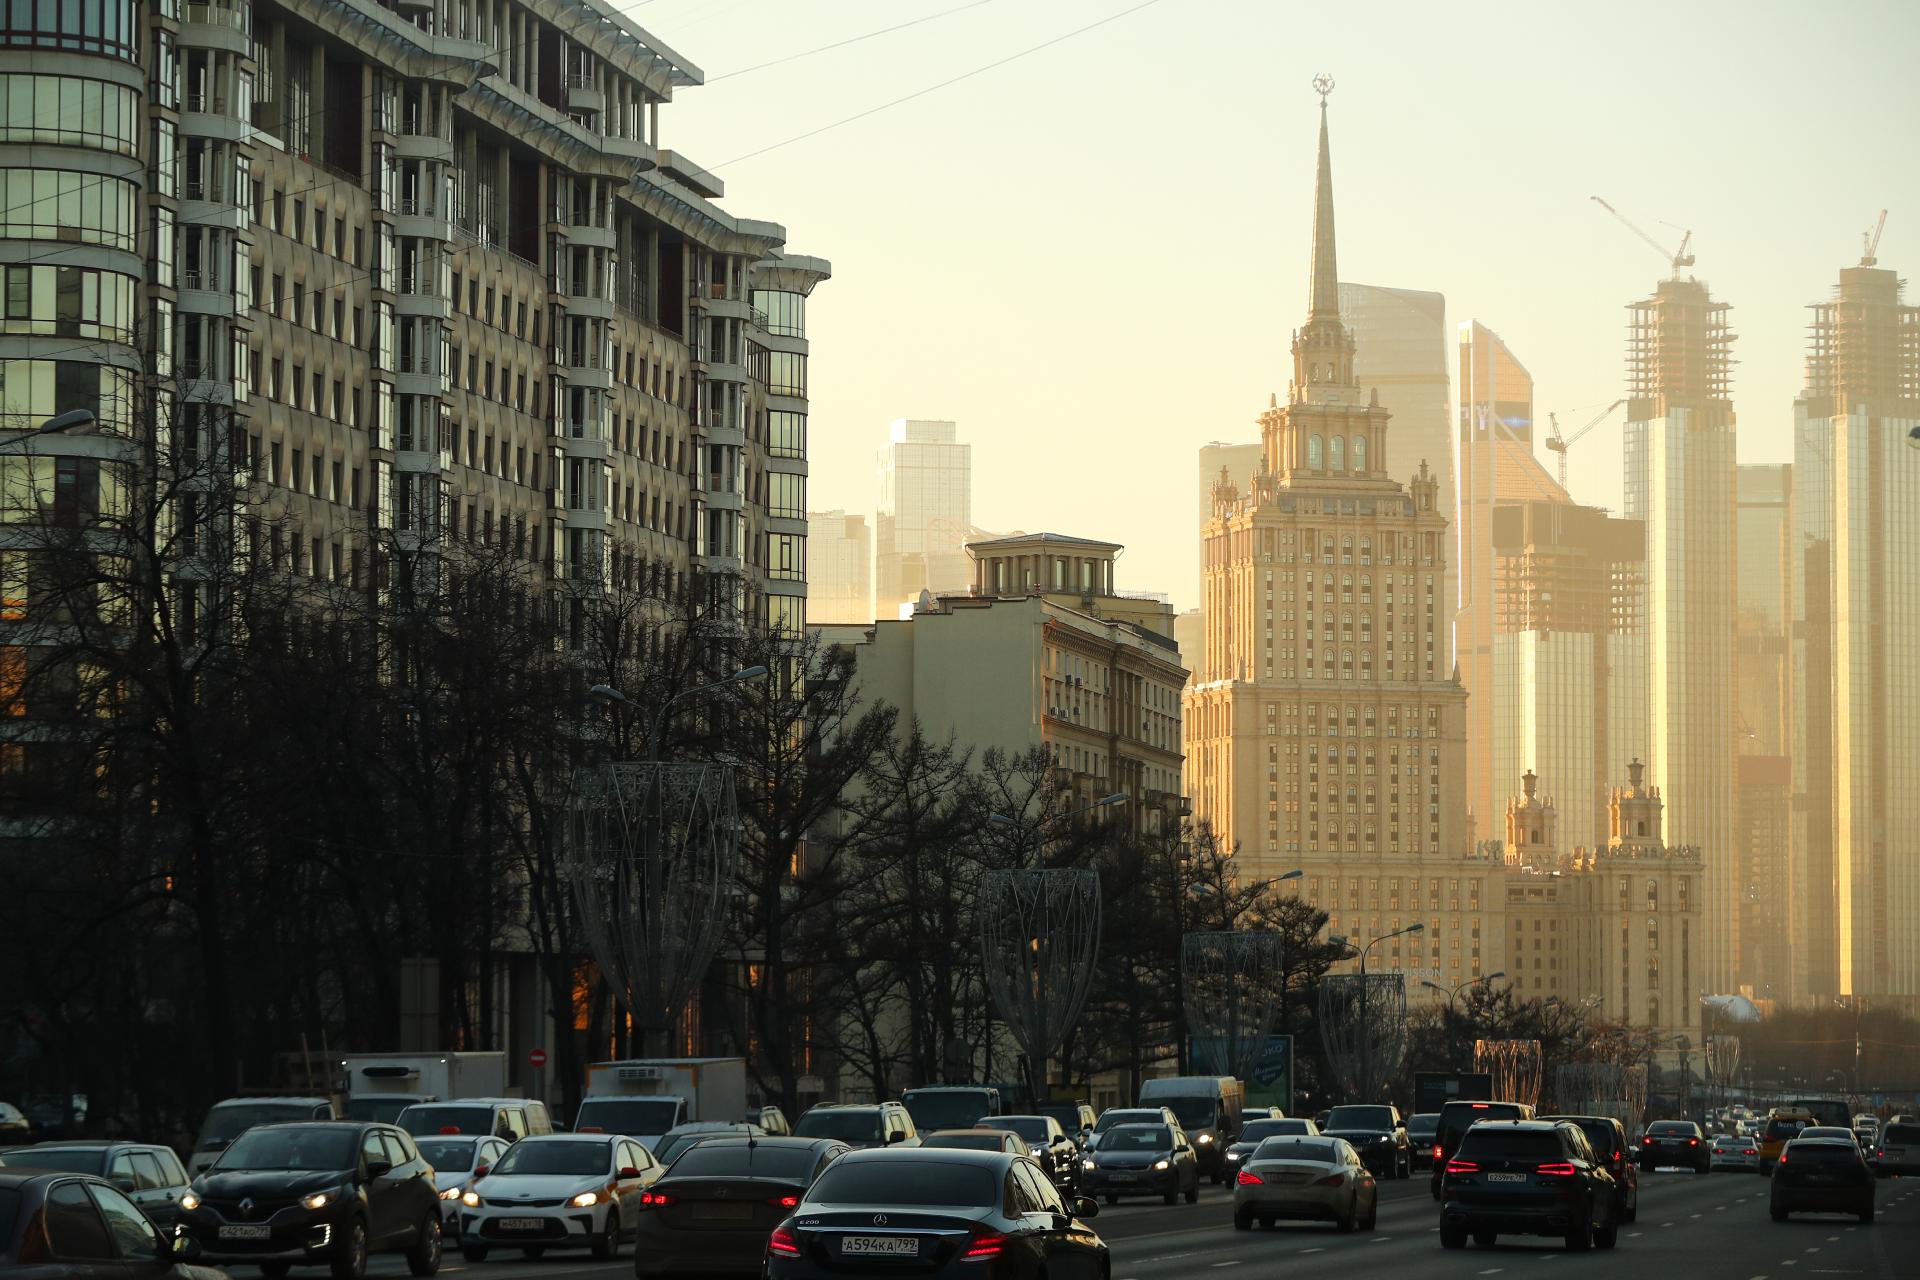 Наиболее дорогой объект — пентхаус площадью более 500 кв.м, расположенный в гостинице «Украина» — по стоимости приближается к 1,5 млрд руб. (данные Savills). На фото: вид на автомобили на Новом Арбате, гостиницу «Украина» и Московский международный деловой центр «Москва-Сити»